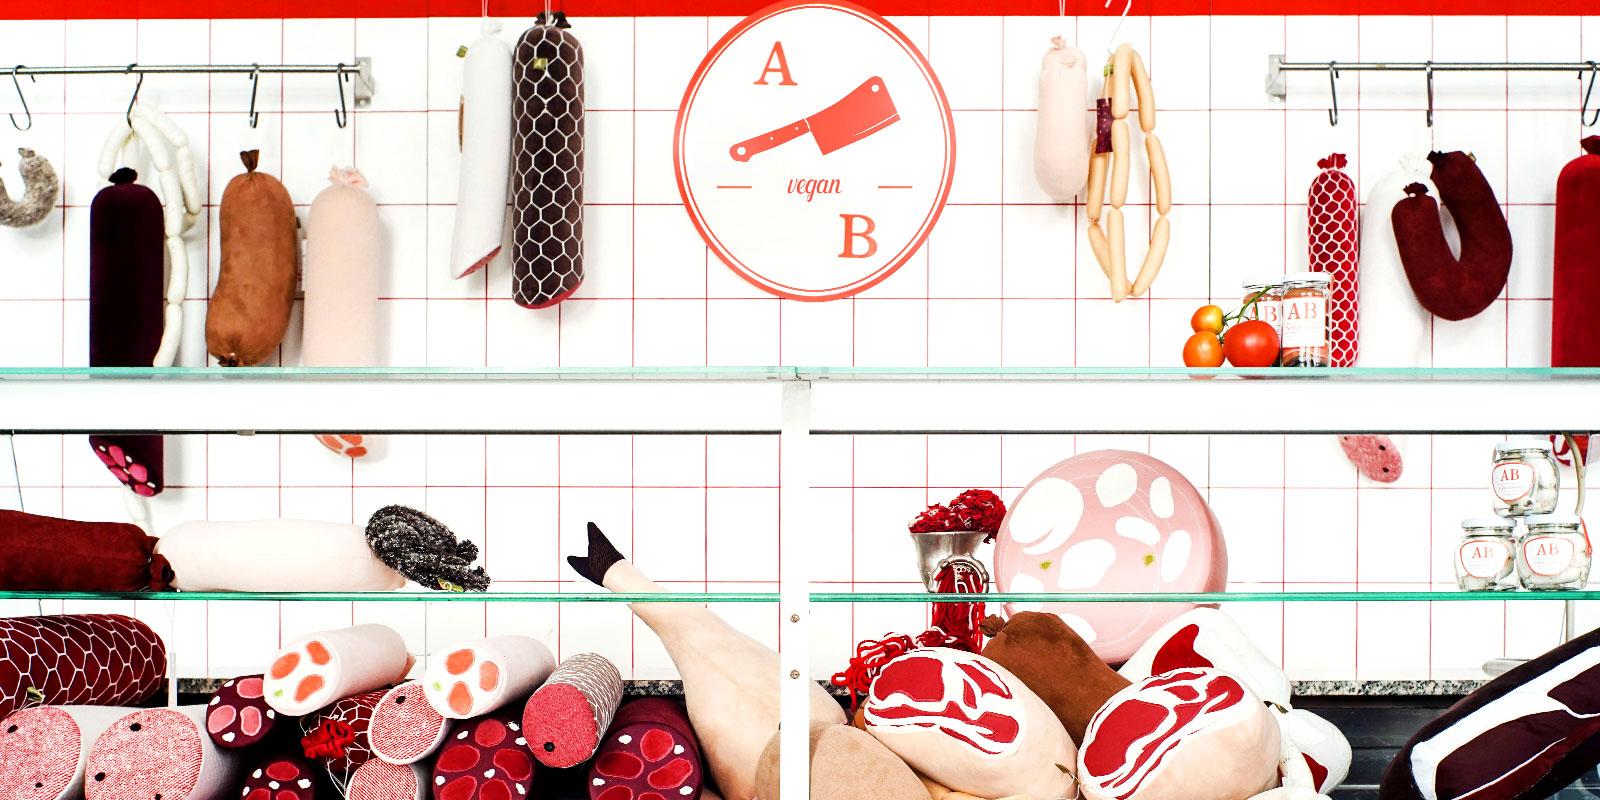 Metzgereitheke mit Würsten und Fleischprodukten aus Stoff vom Label Aufschnitt